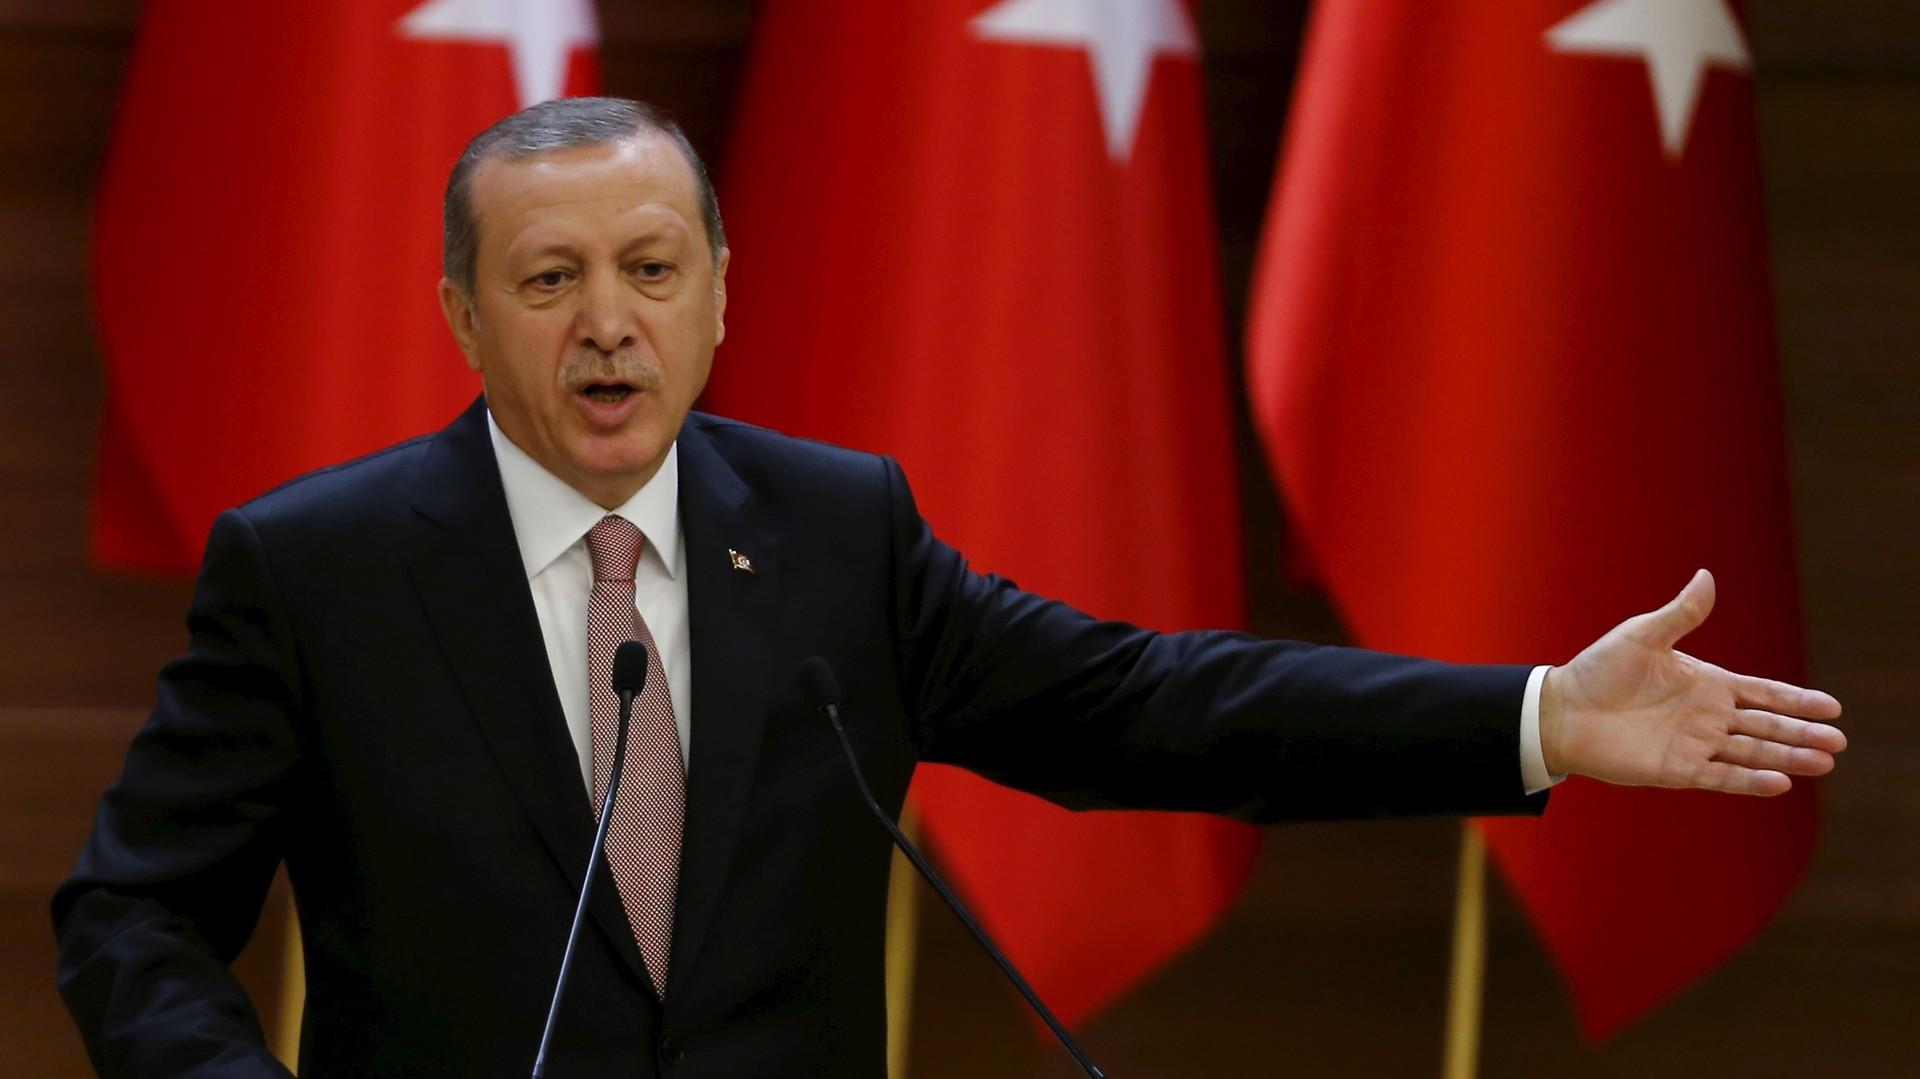 Erdogan exhorte le monde musulman à l'unité contre le terrorisme